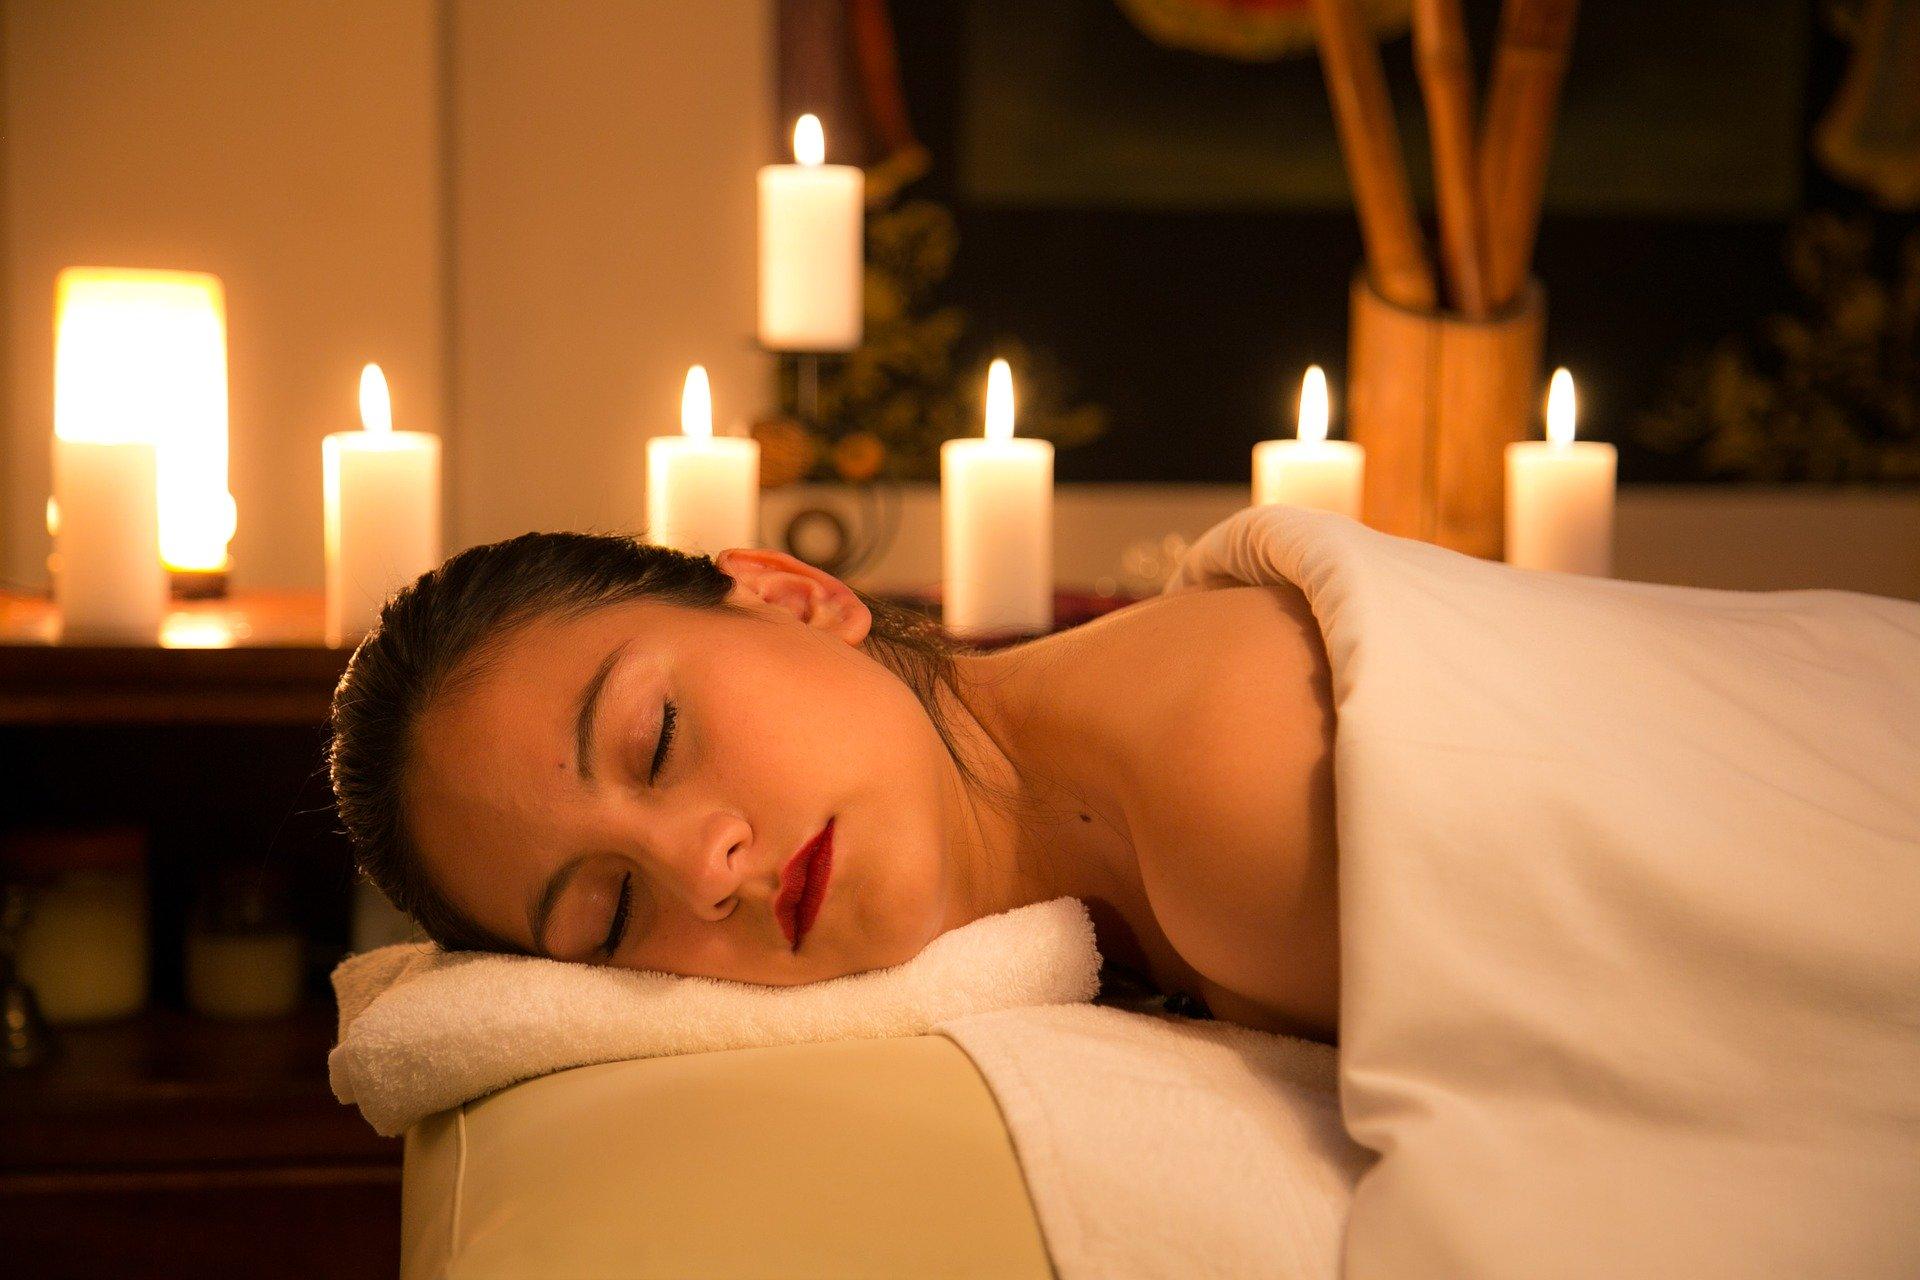 Speciale massage voor een goede klant